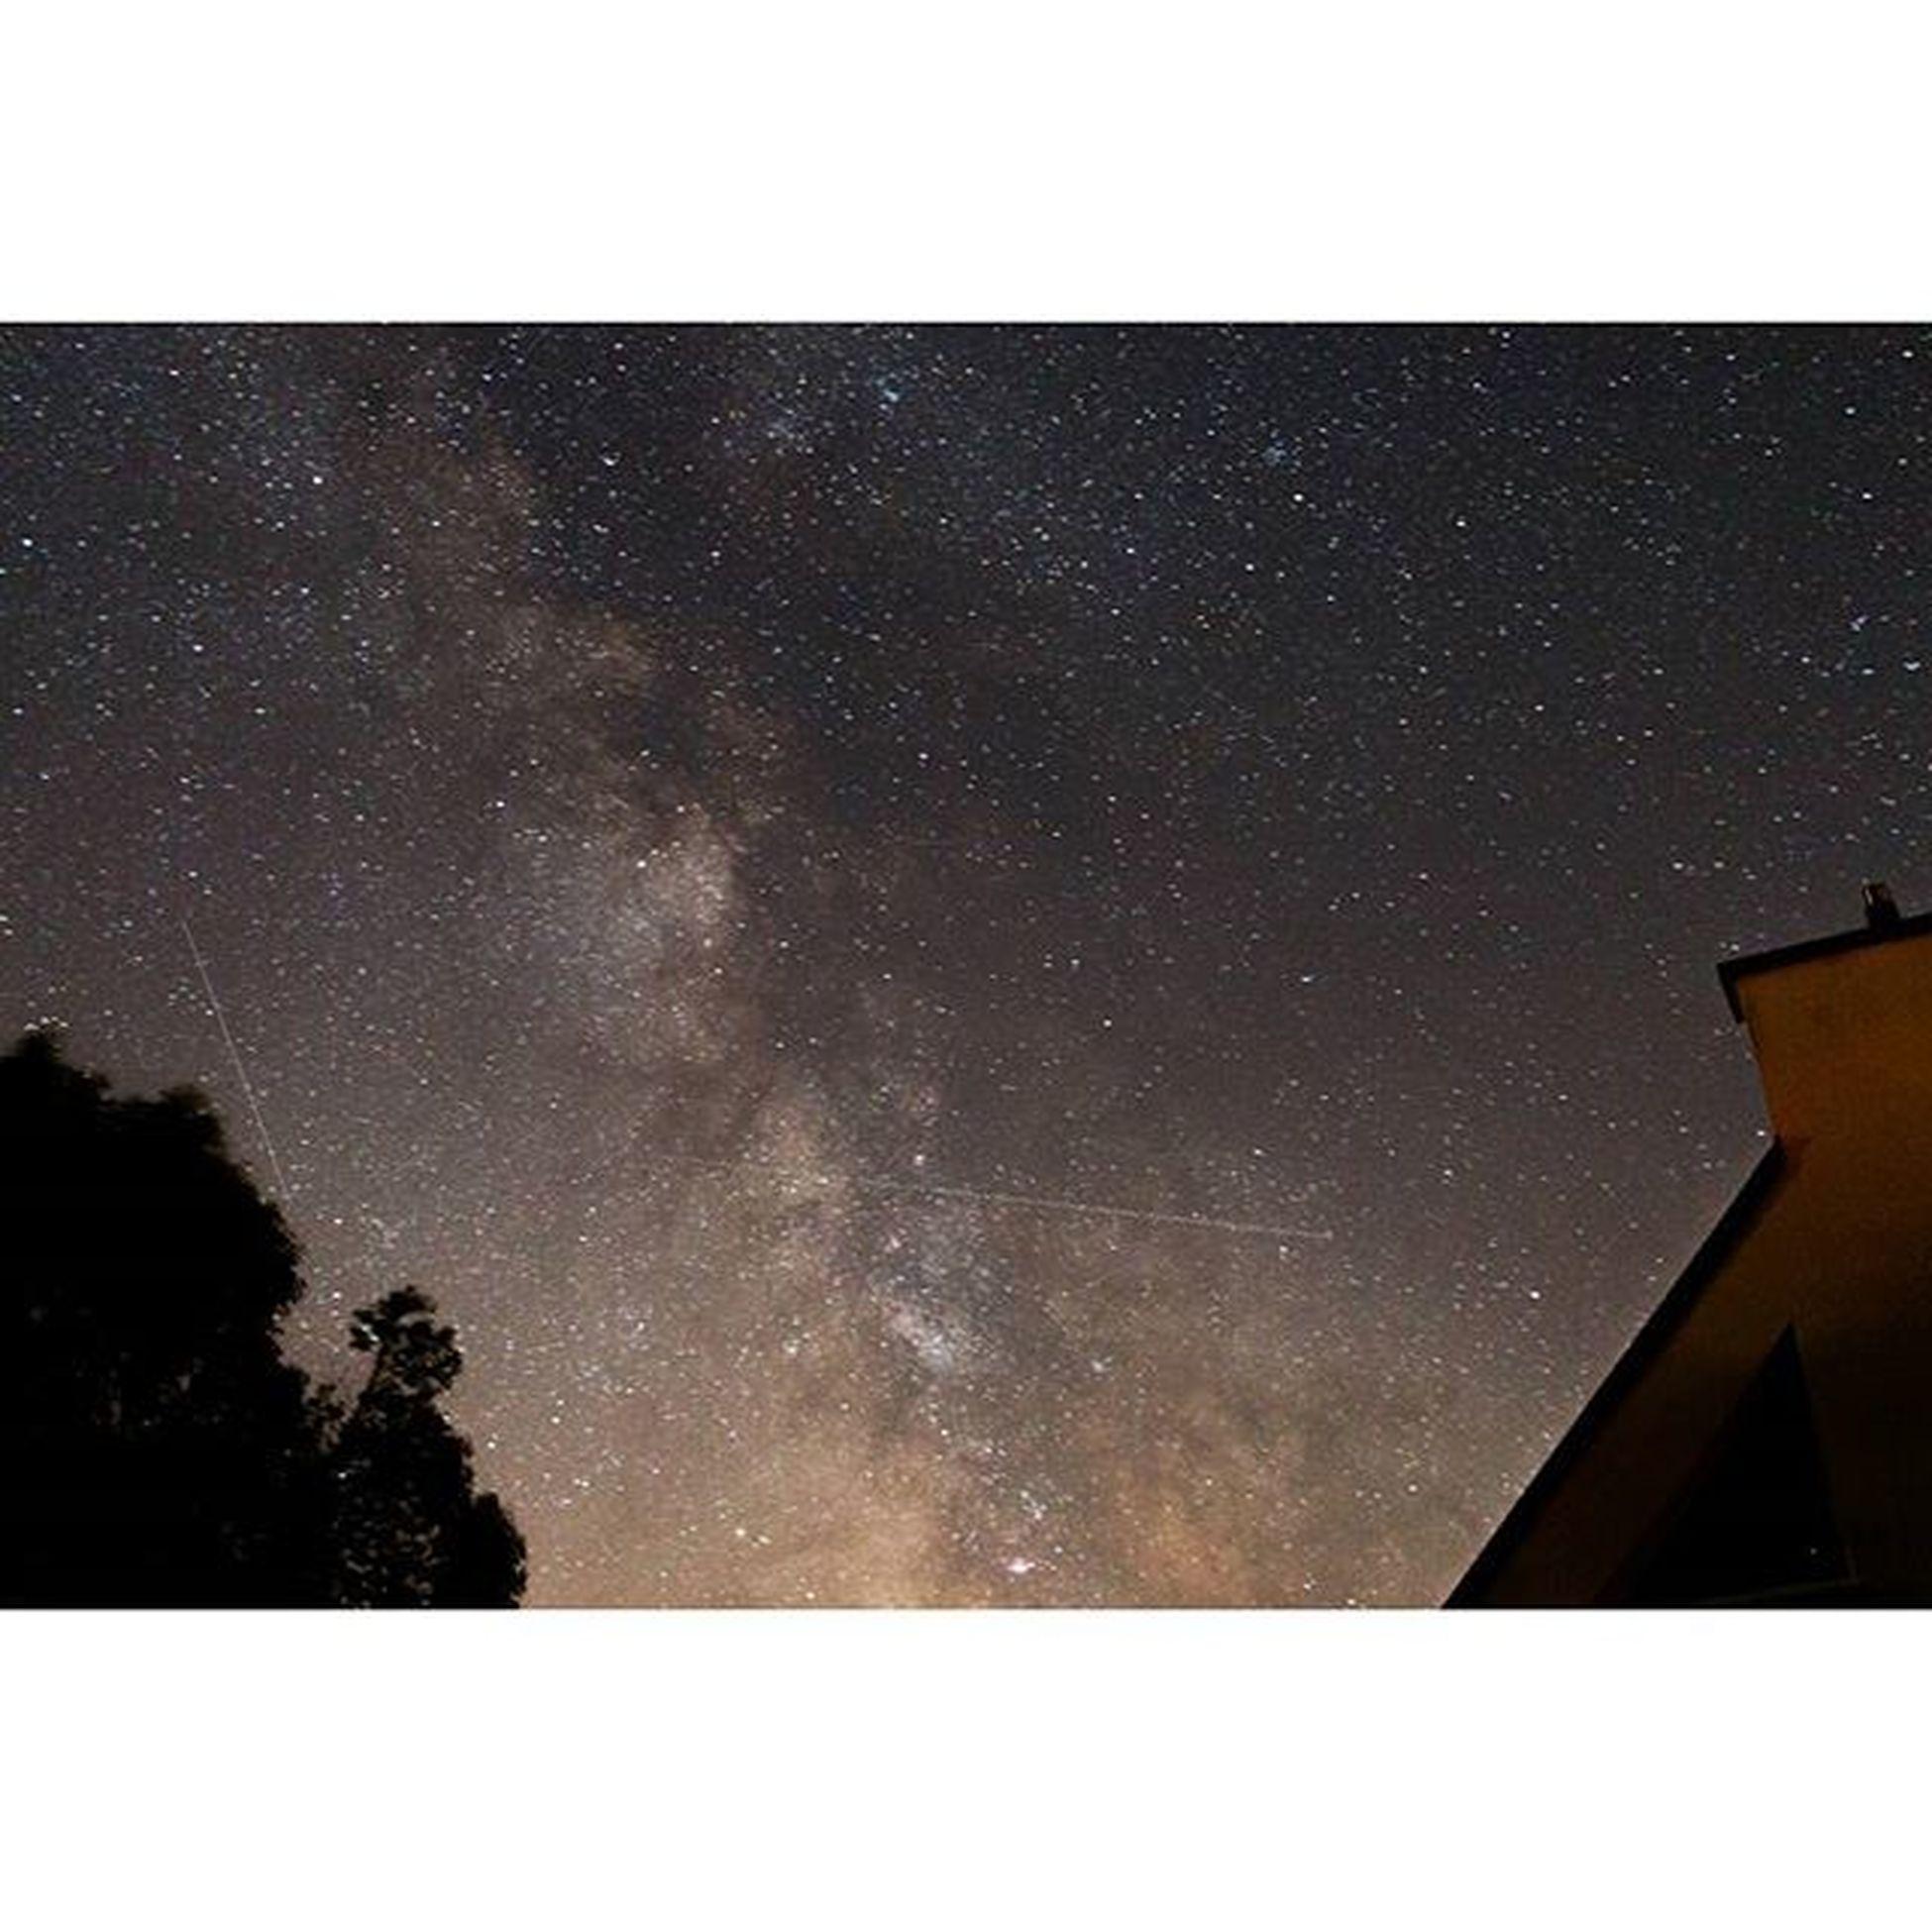 Milkyway Pleubian Larmorpleubian Brittany Bretagne Night Lowlight Dark Darkness Light Nacht Licht France Frankreich Sterne  Sternenhimmel Stars Milkyway Milchstrasse